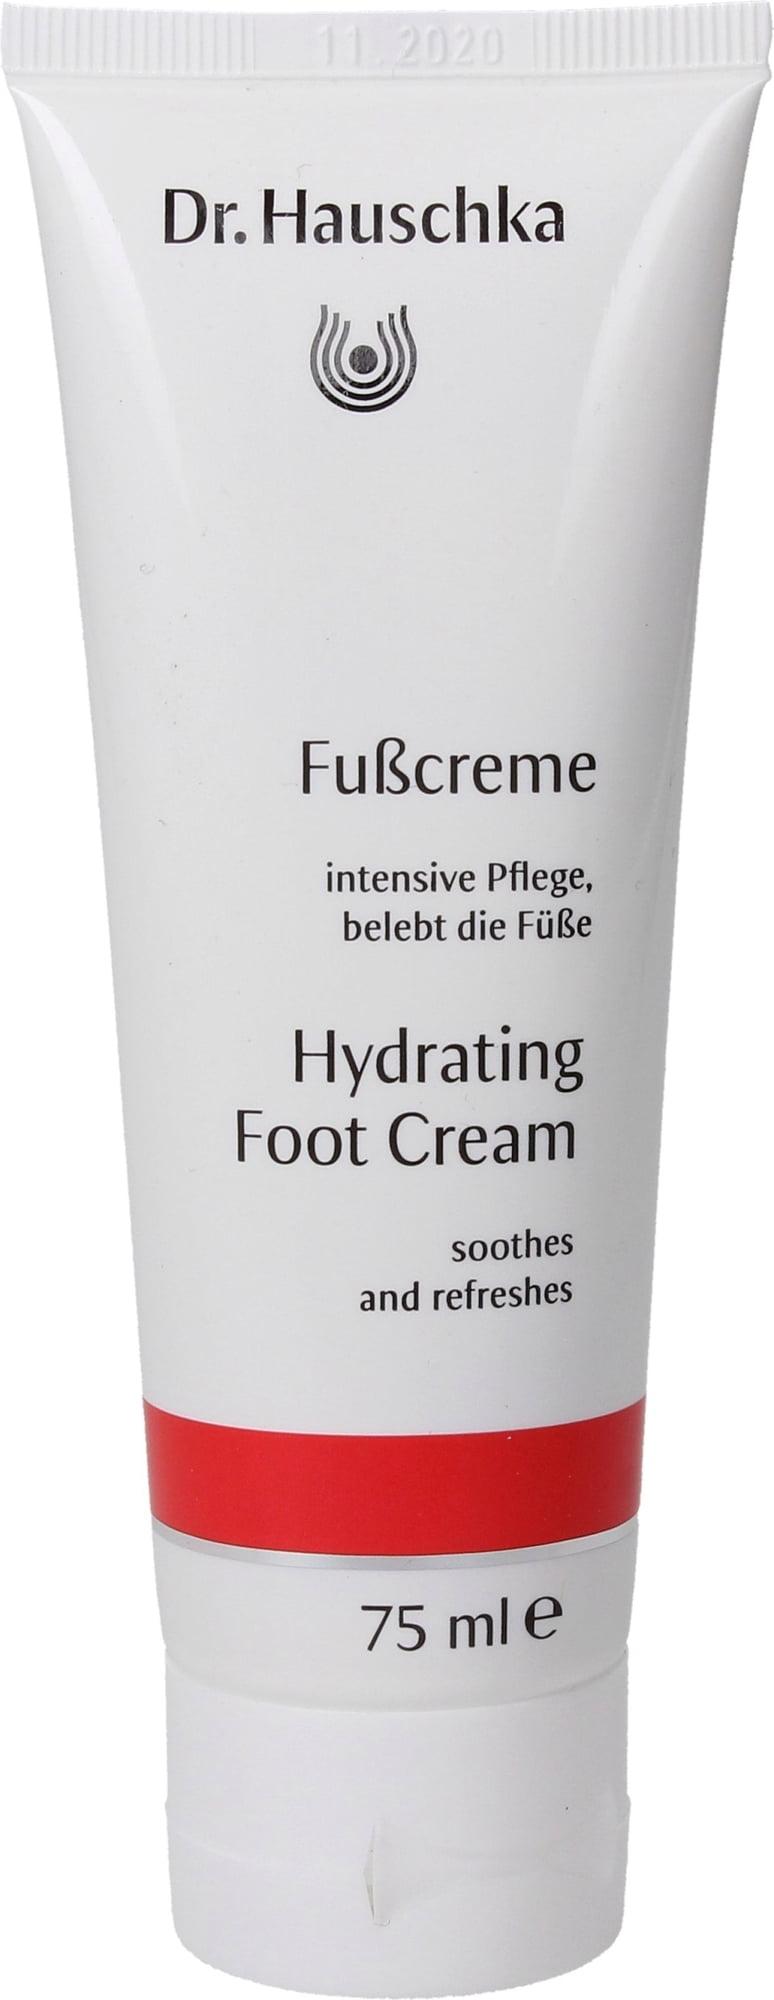 Dr. Hauschka Crema per i Piedi - 75 ml